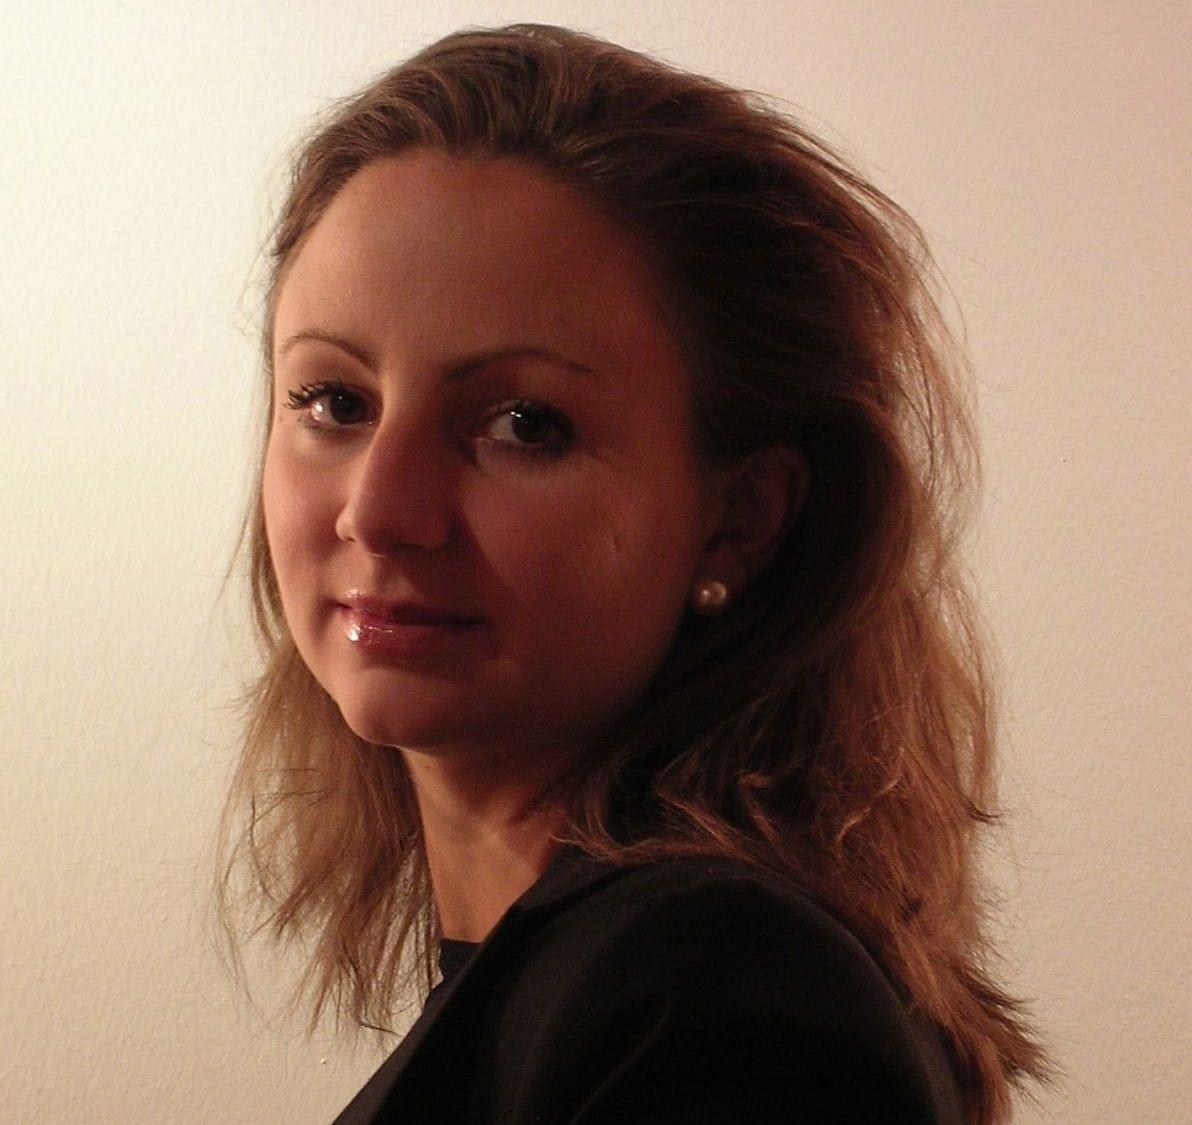 Melanie Meinig